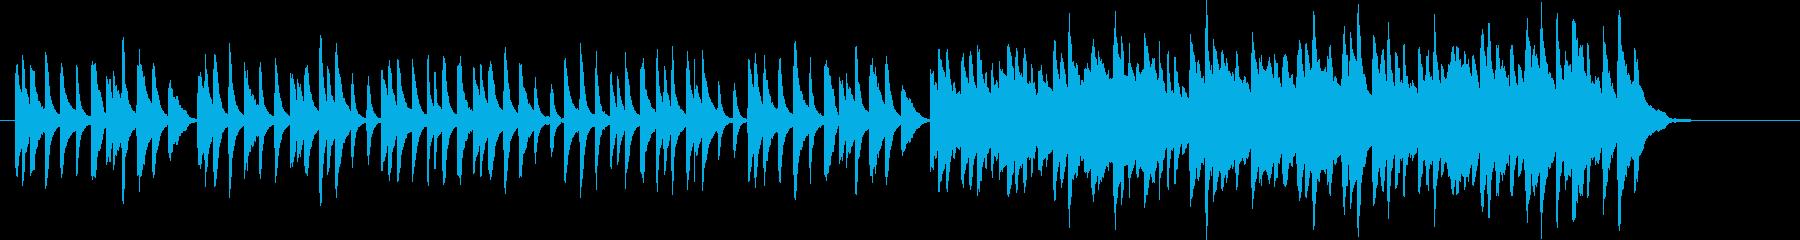 『こいのぼり』のピアノソロの再生済みの波形